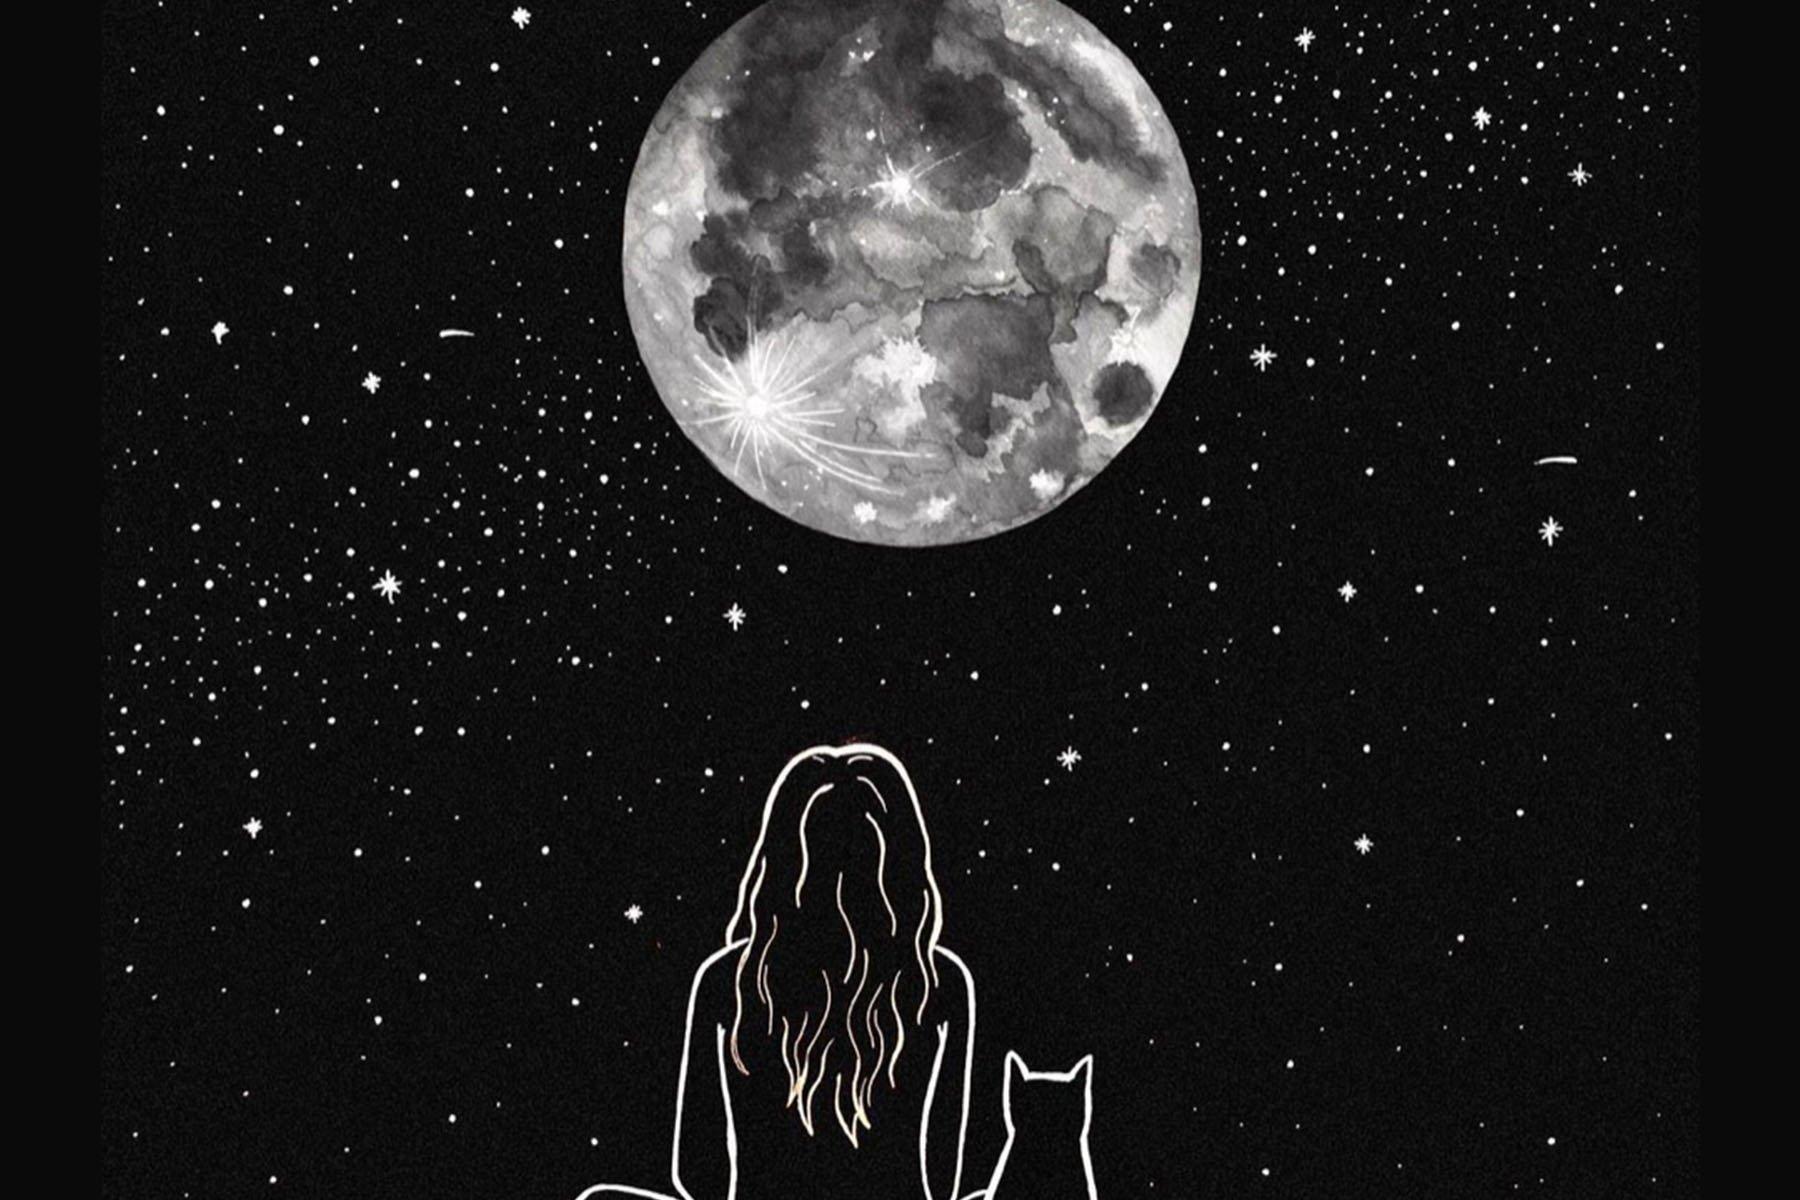 March 2021 Full Moon in Libra Horoscopes